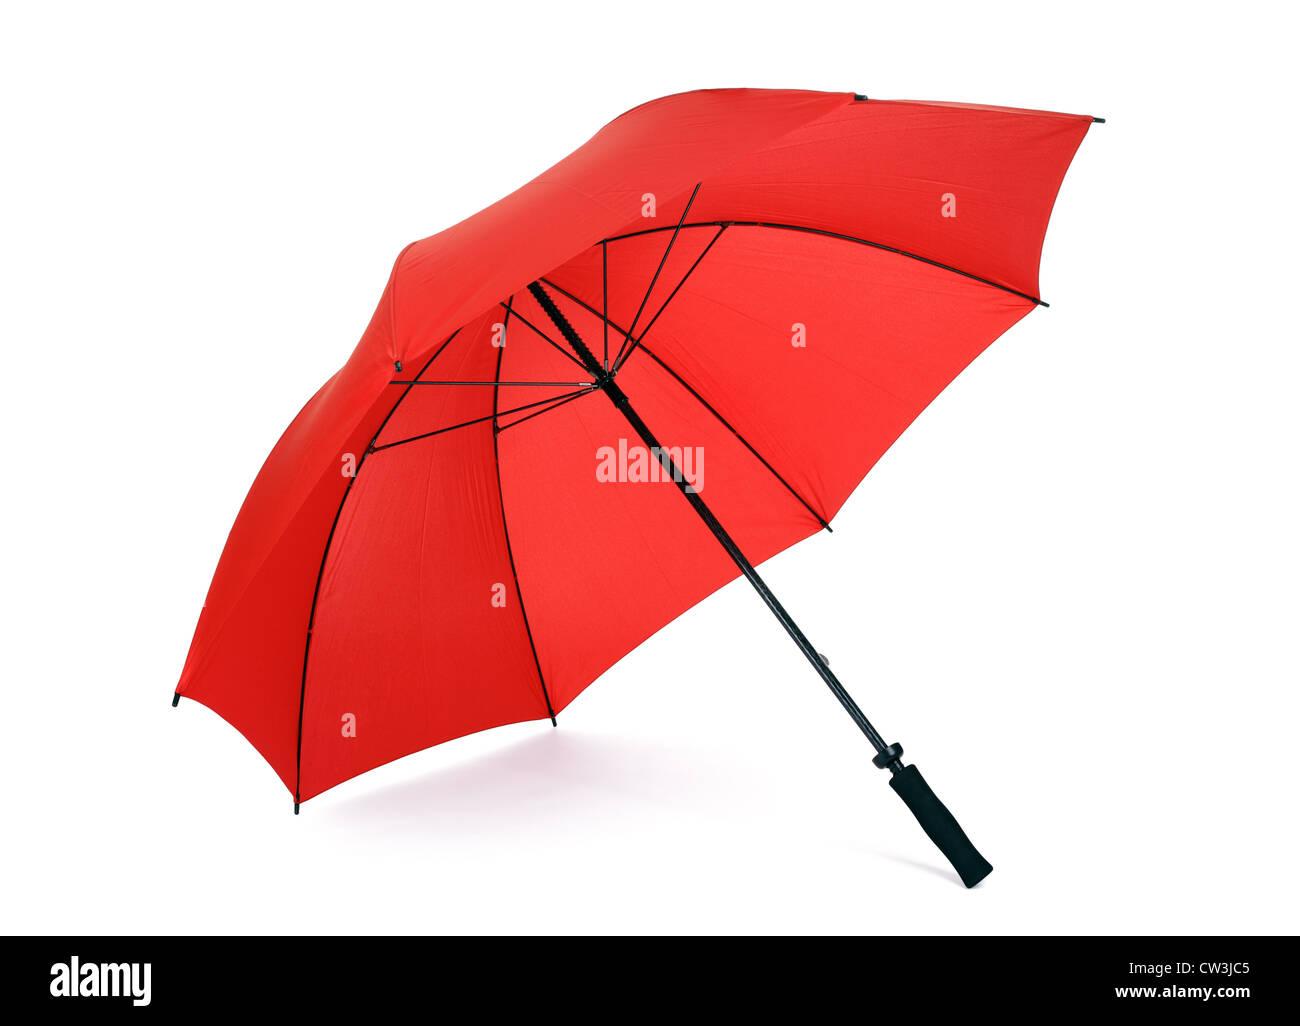 Sombrilla roja aislado Imagen De Stock